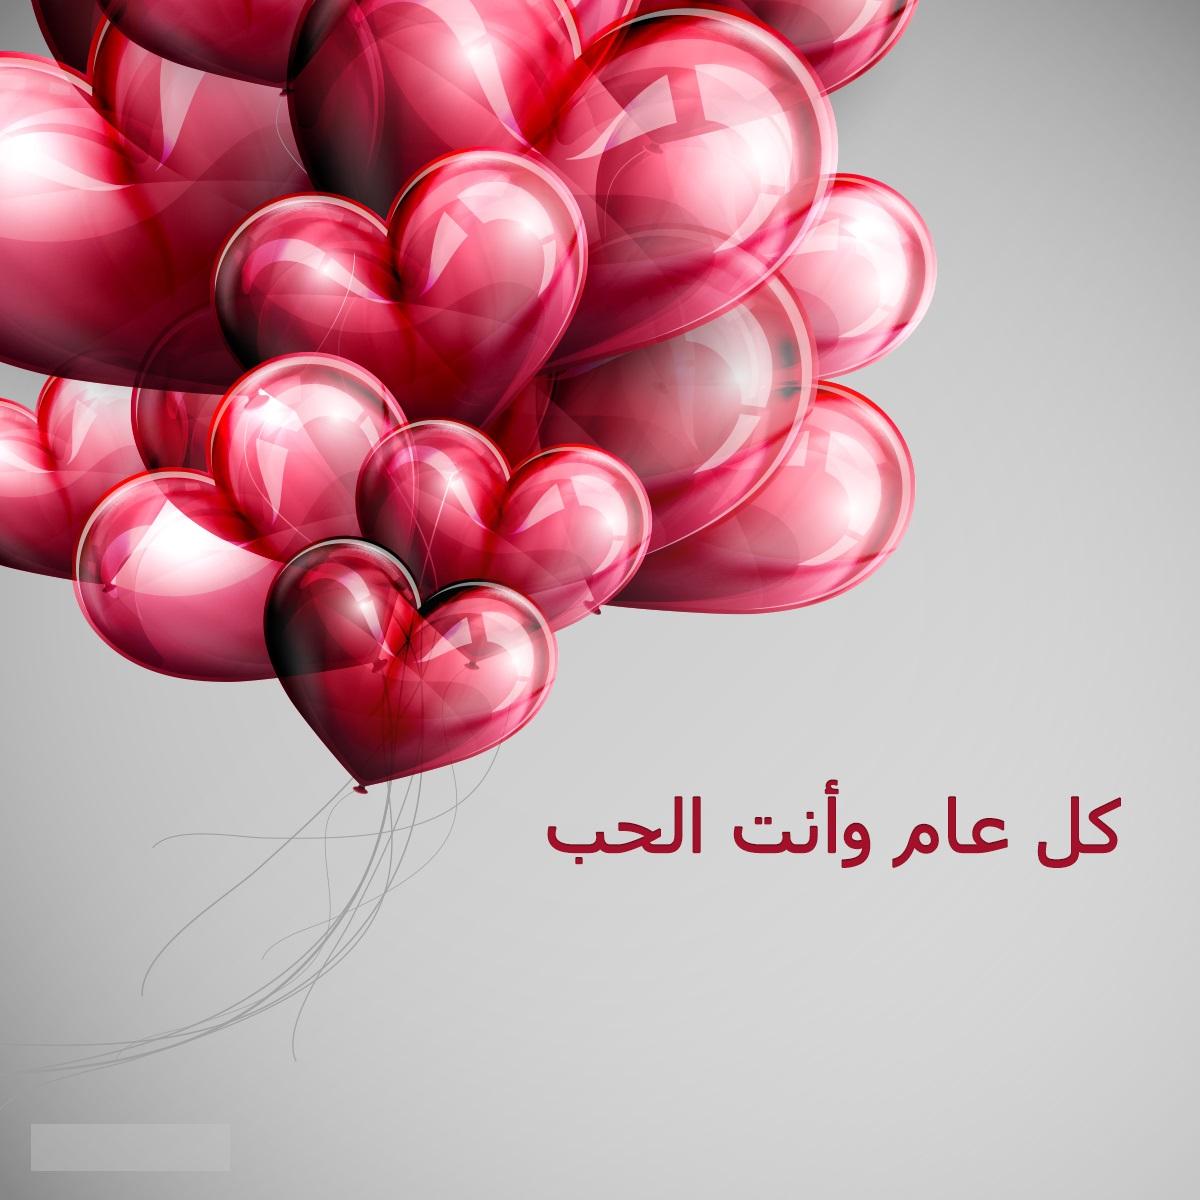 صورة تهنئة عيد ميلاد حبيبي , خلى حبيبك يموت فيكى بتهنيئته فى عيد ميلادة 925 2